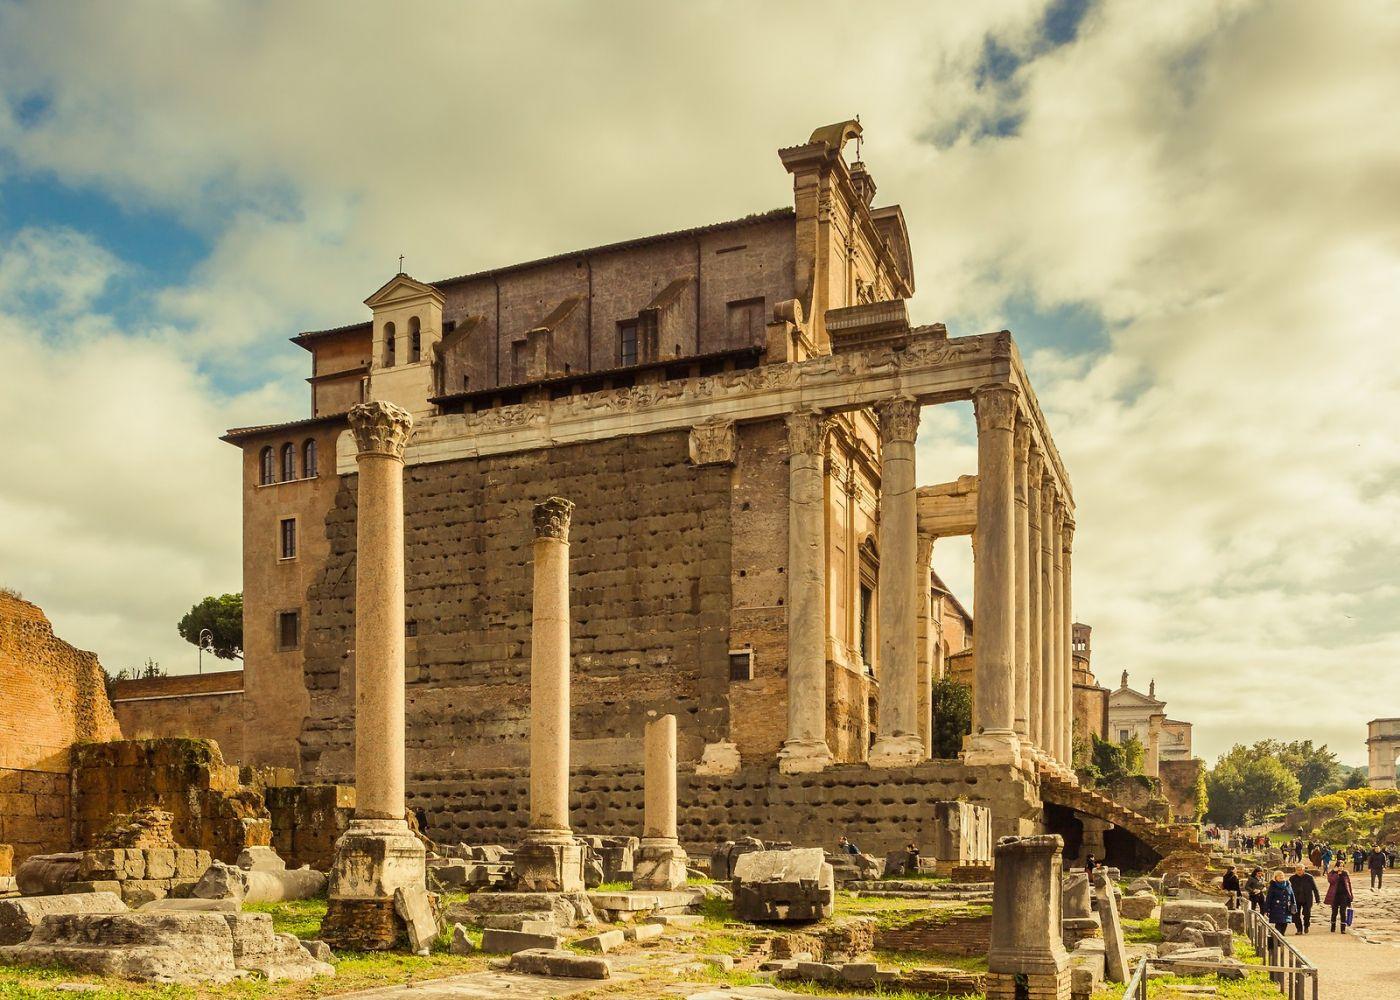 意大利罗马论坛,二千年的历史_图1-30